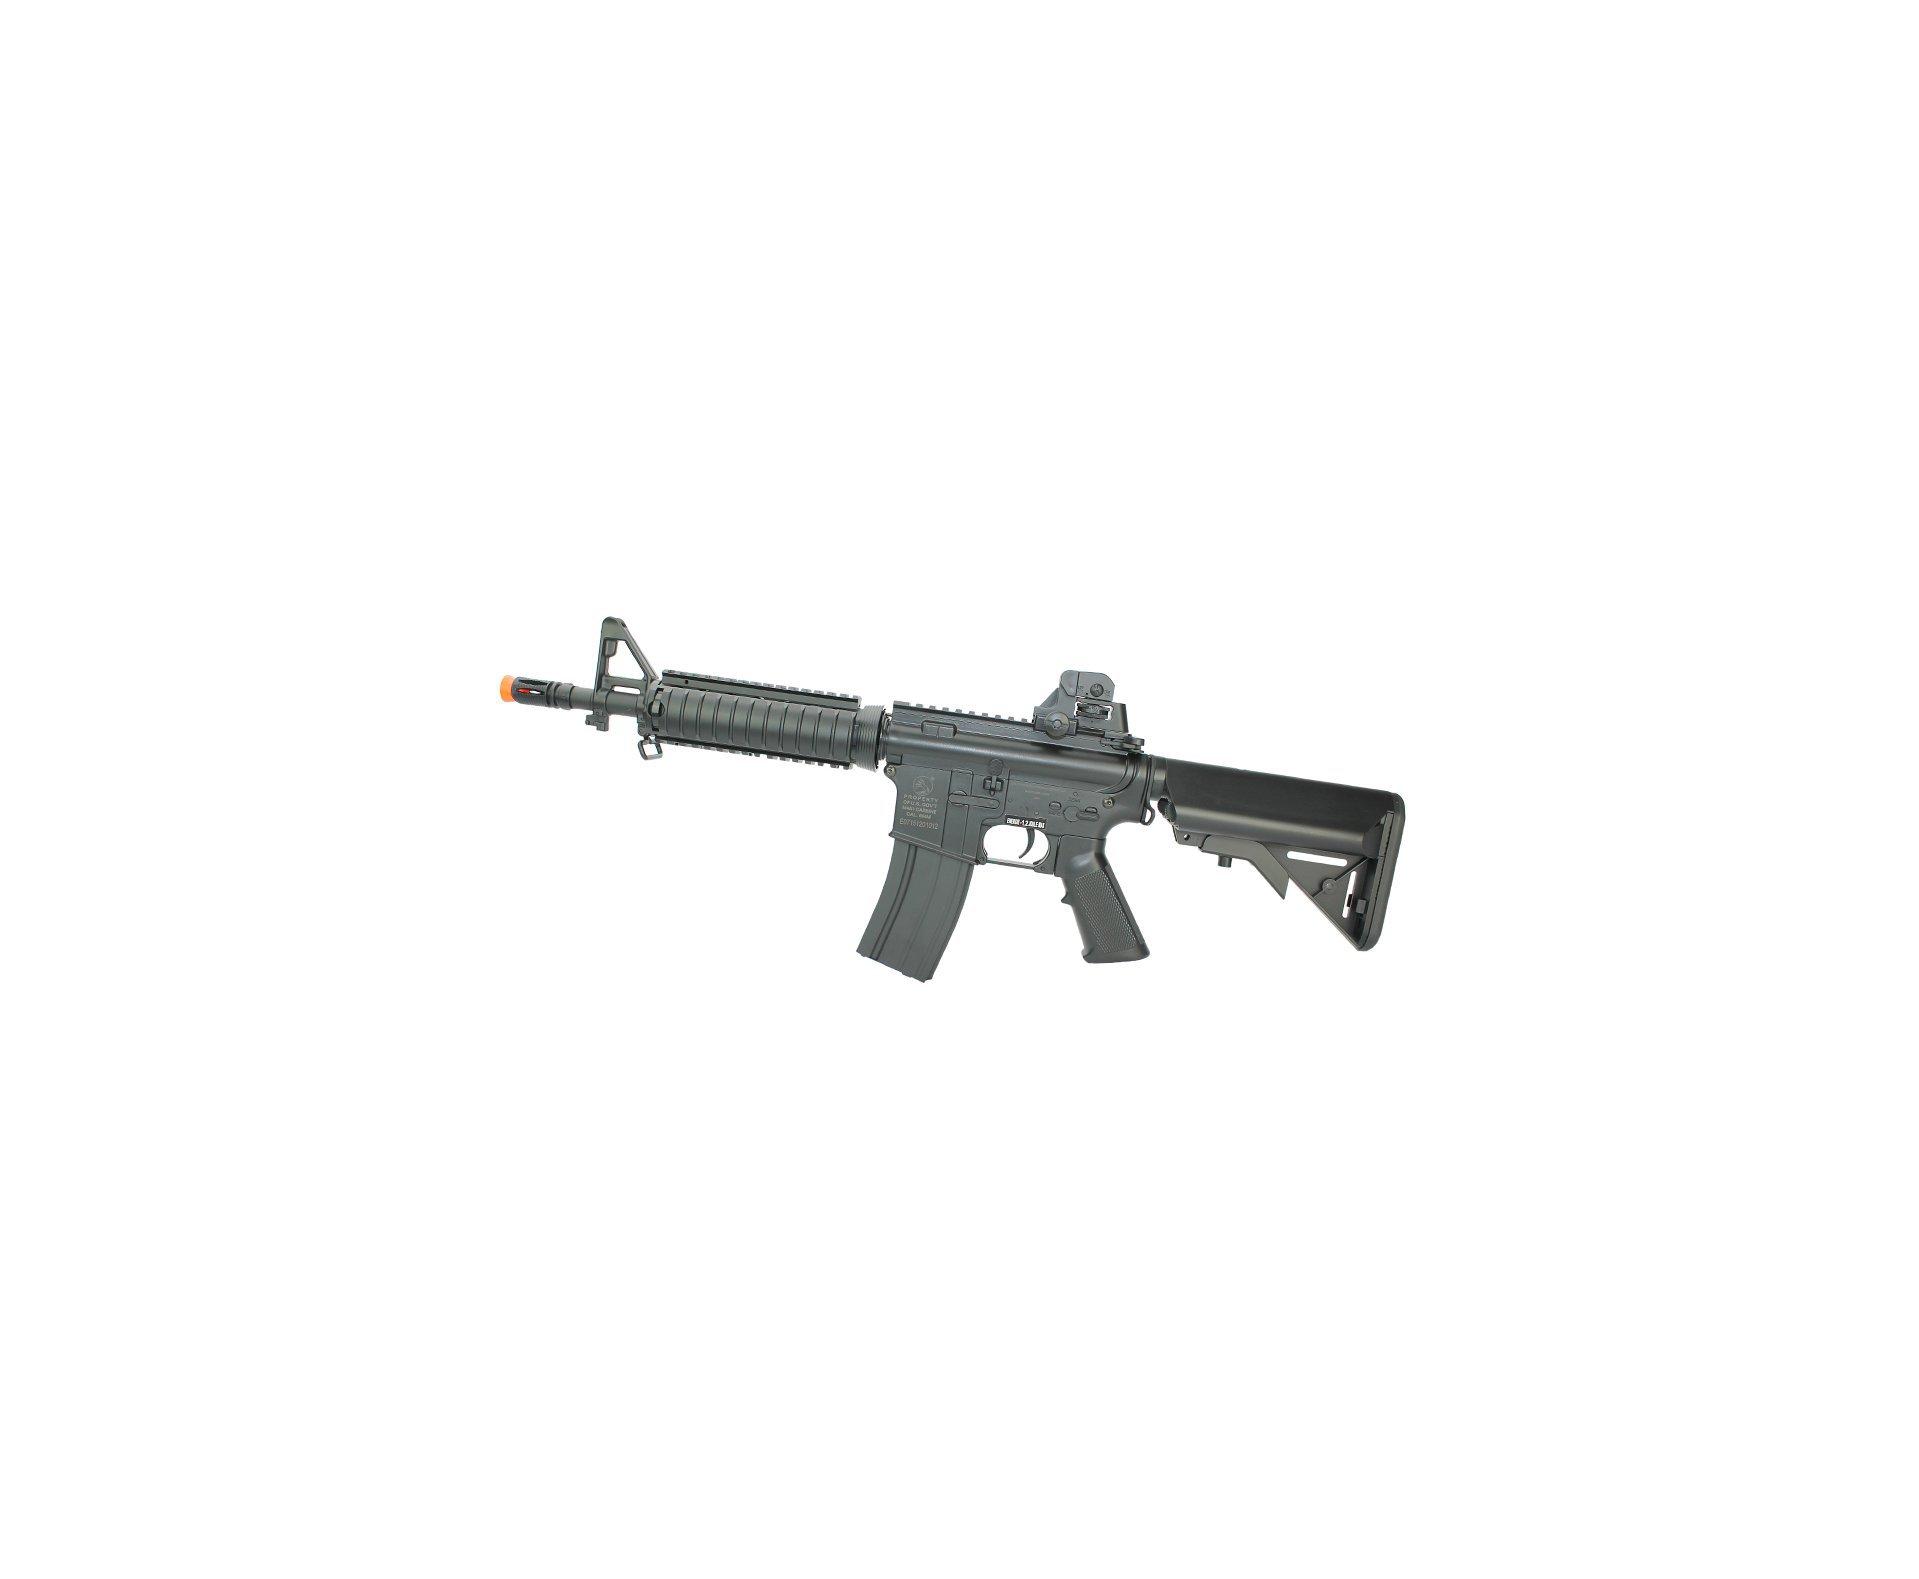 Rifle De Airsoft Colt M4a1 Cqb Ris Eletrico Cal 6mm - Cybergun